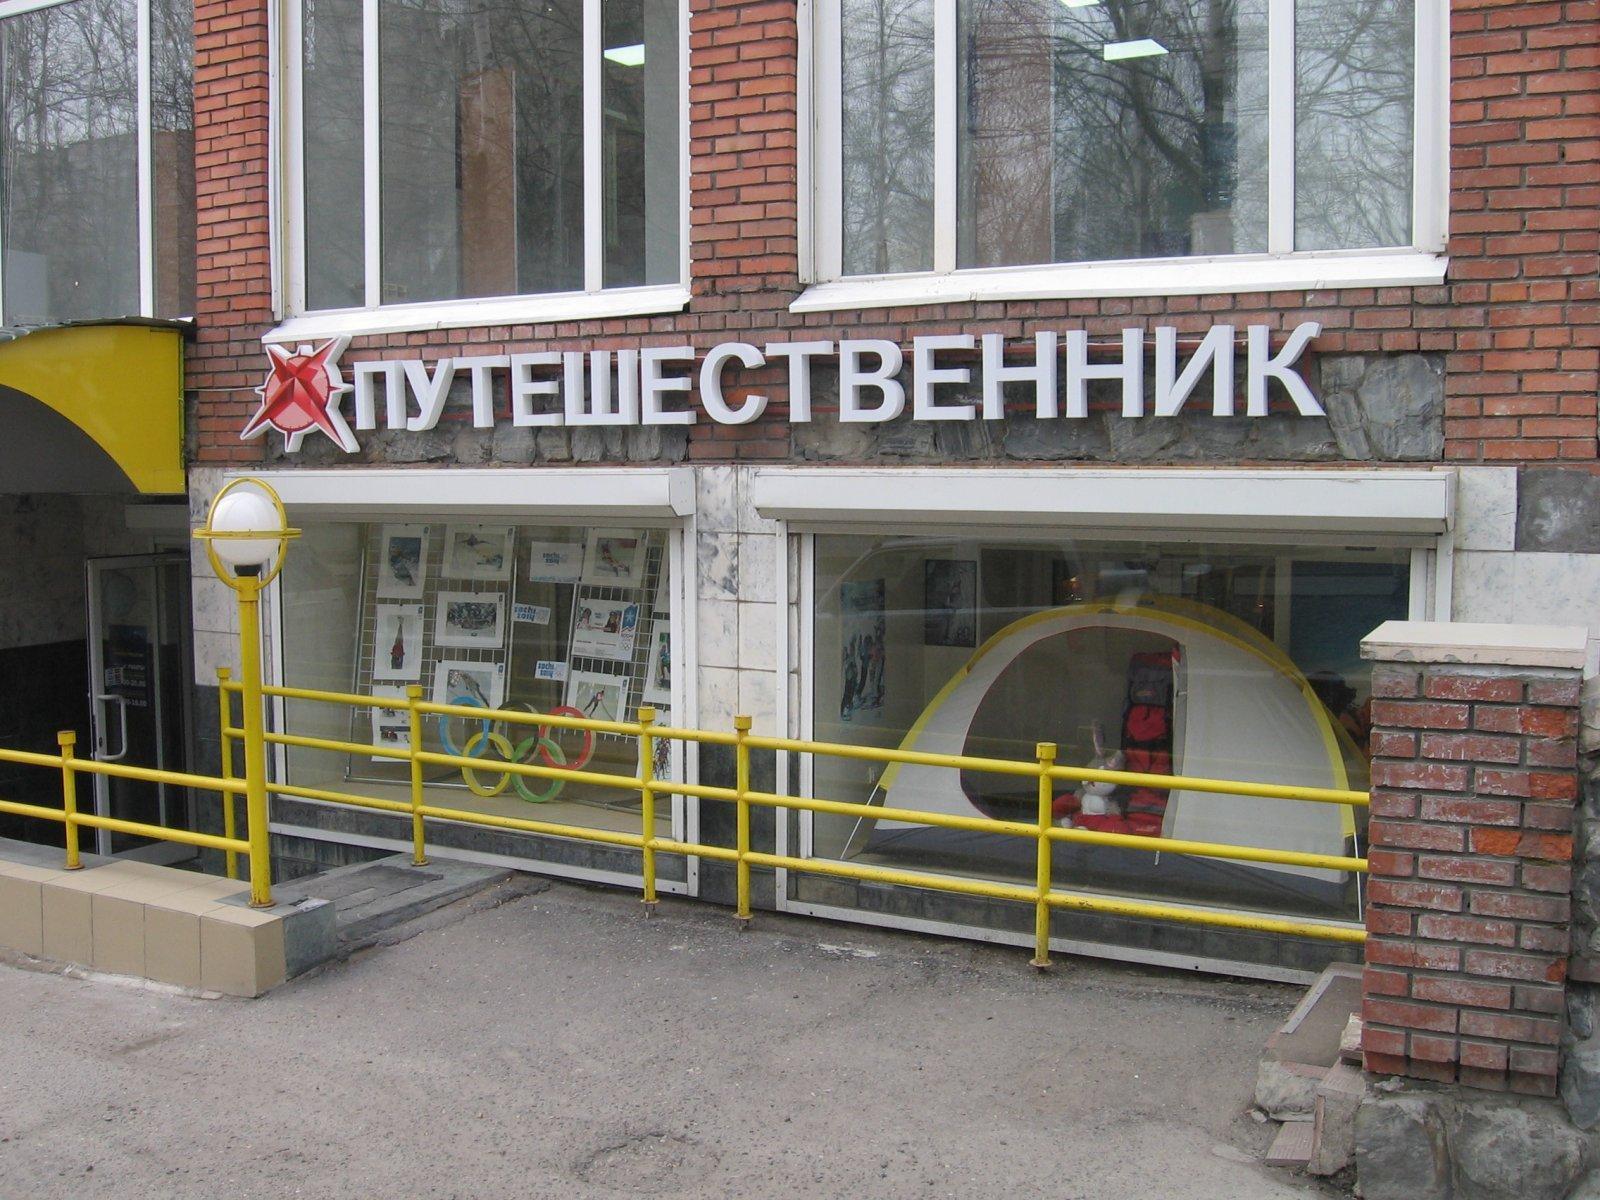 Магазин Путешественник Томск Официальный Сайт